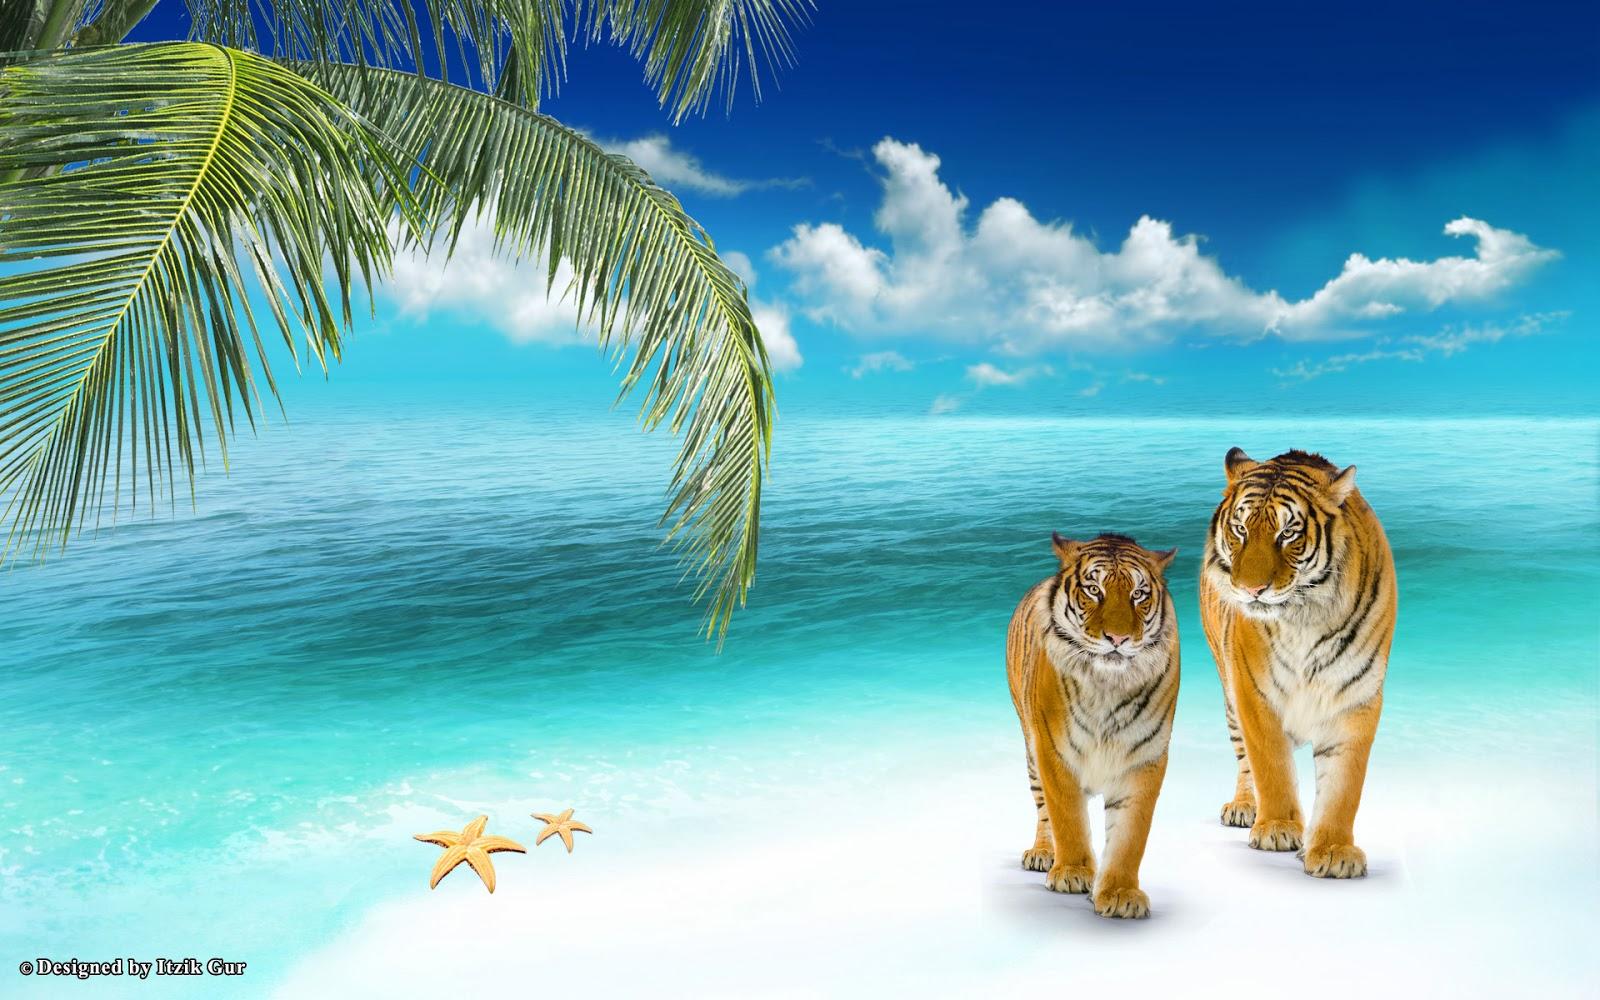 Beach HD Wallpaper Romantic   High Definition Wallpapers for Desktop 1600x1000